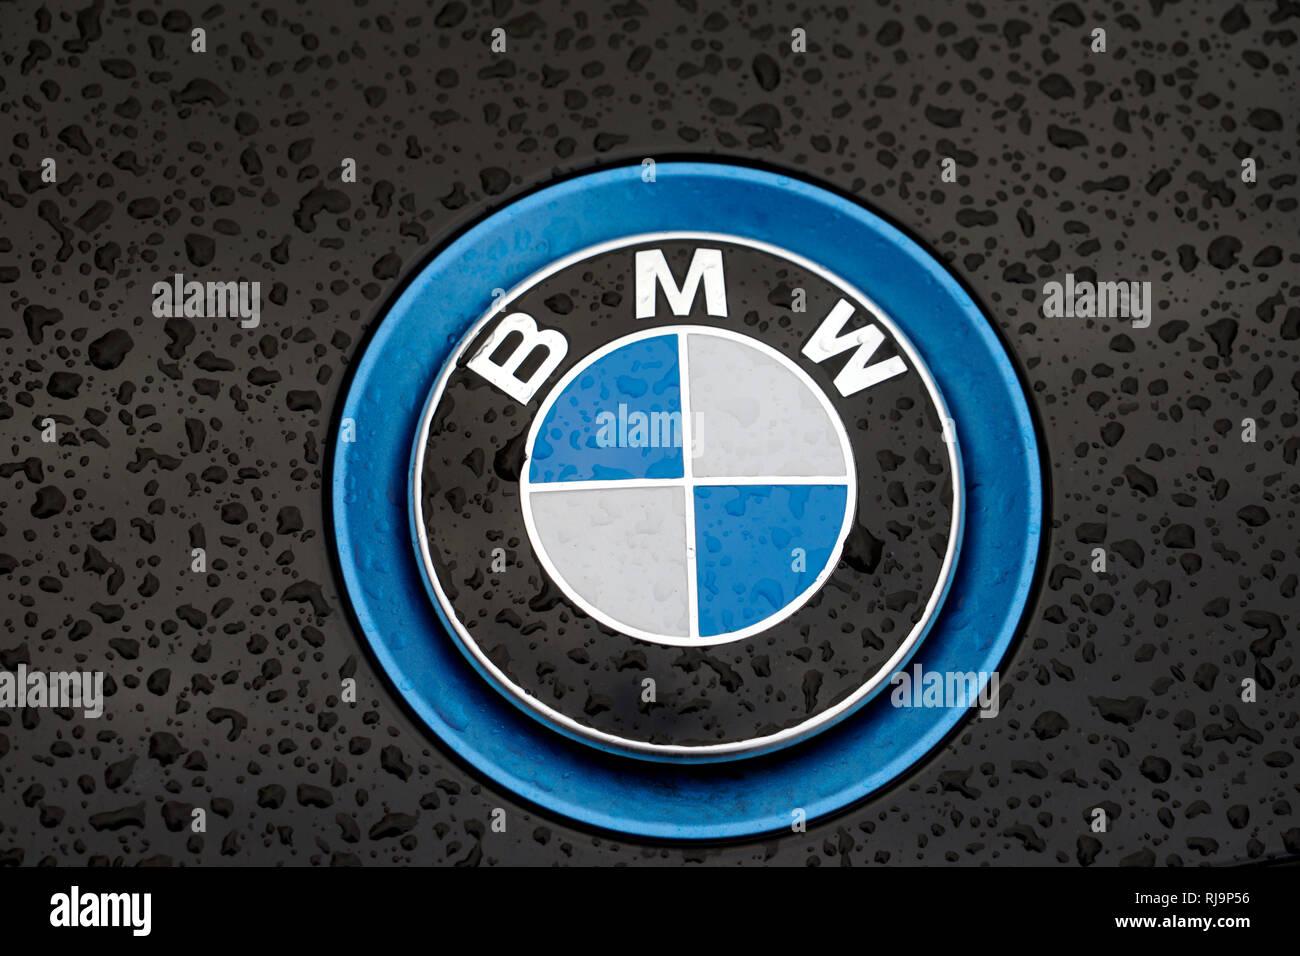 BMW-Logo, BMW, BMW-Emblem an der Motorhaube, Firmenlogo, BMW Elektro-Auto - Stock Image